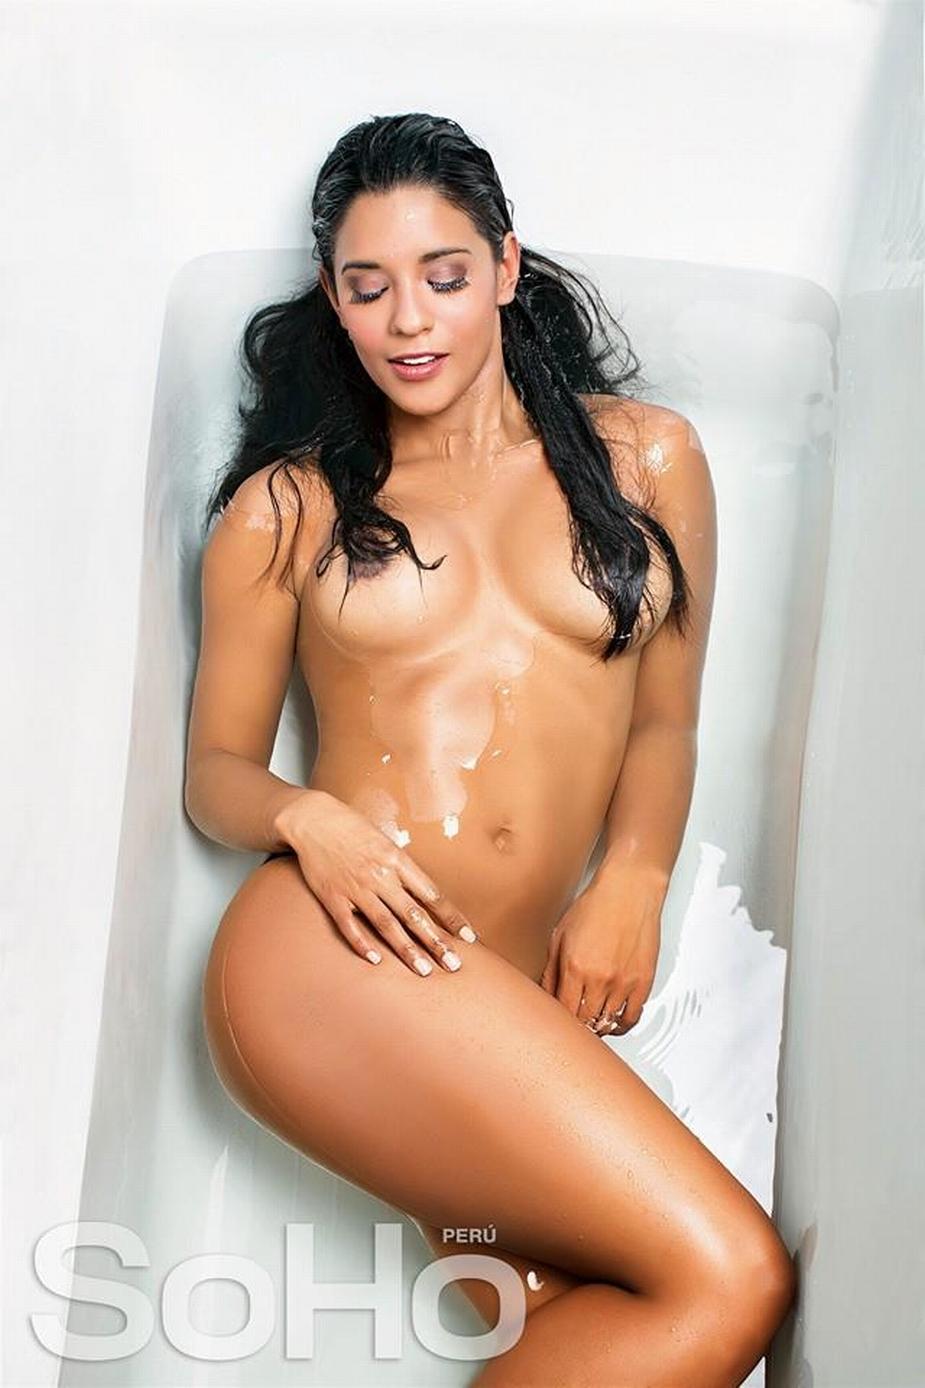 Hot Peru Women Nude 65